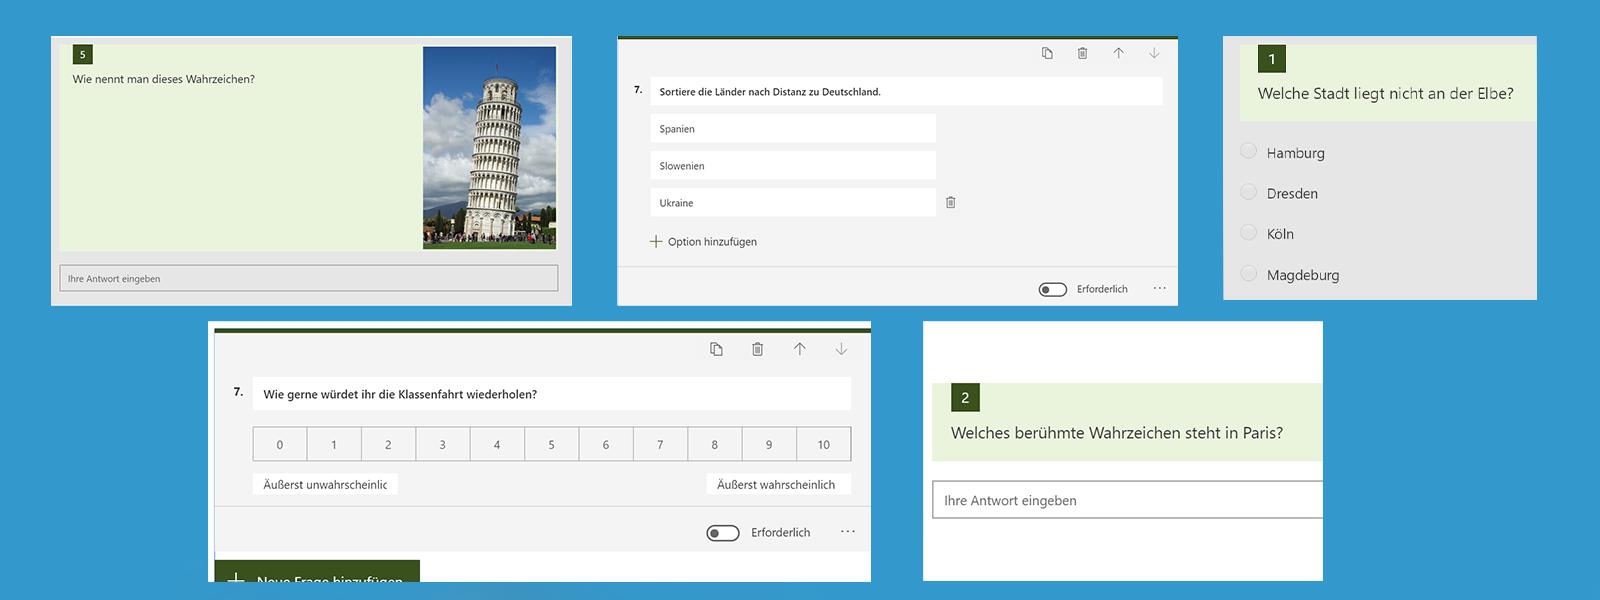 Das Bild zeigt eine Übersicht von verschiedenen Frage-Antwort-Möglichkeiten in Microsoft Forms.